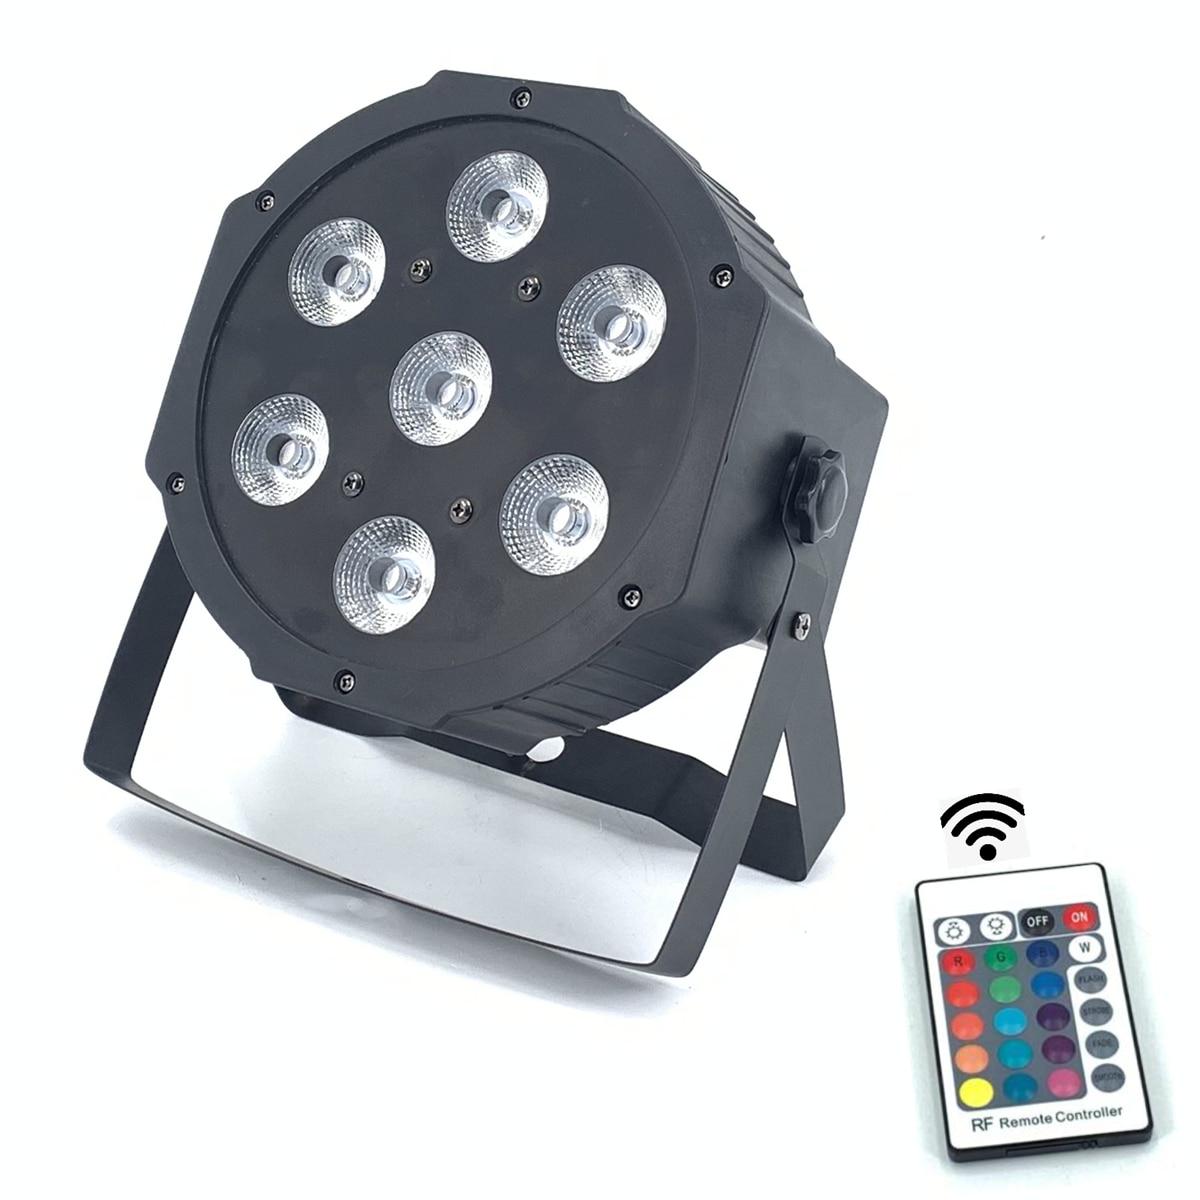 ワイヤレスリモコン LED 明るい 8 dmx チャンネル Led フラットパー 7 × 12 ワット RGBW 4IN1 高速配送